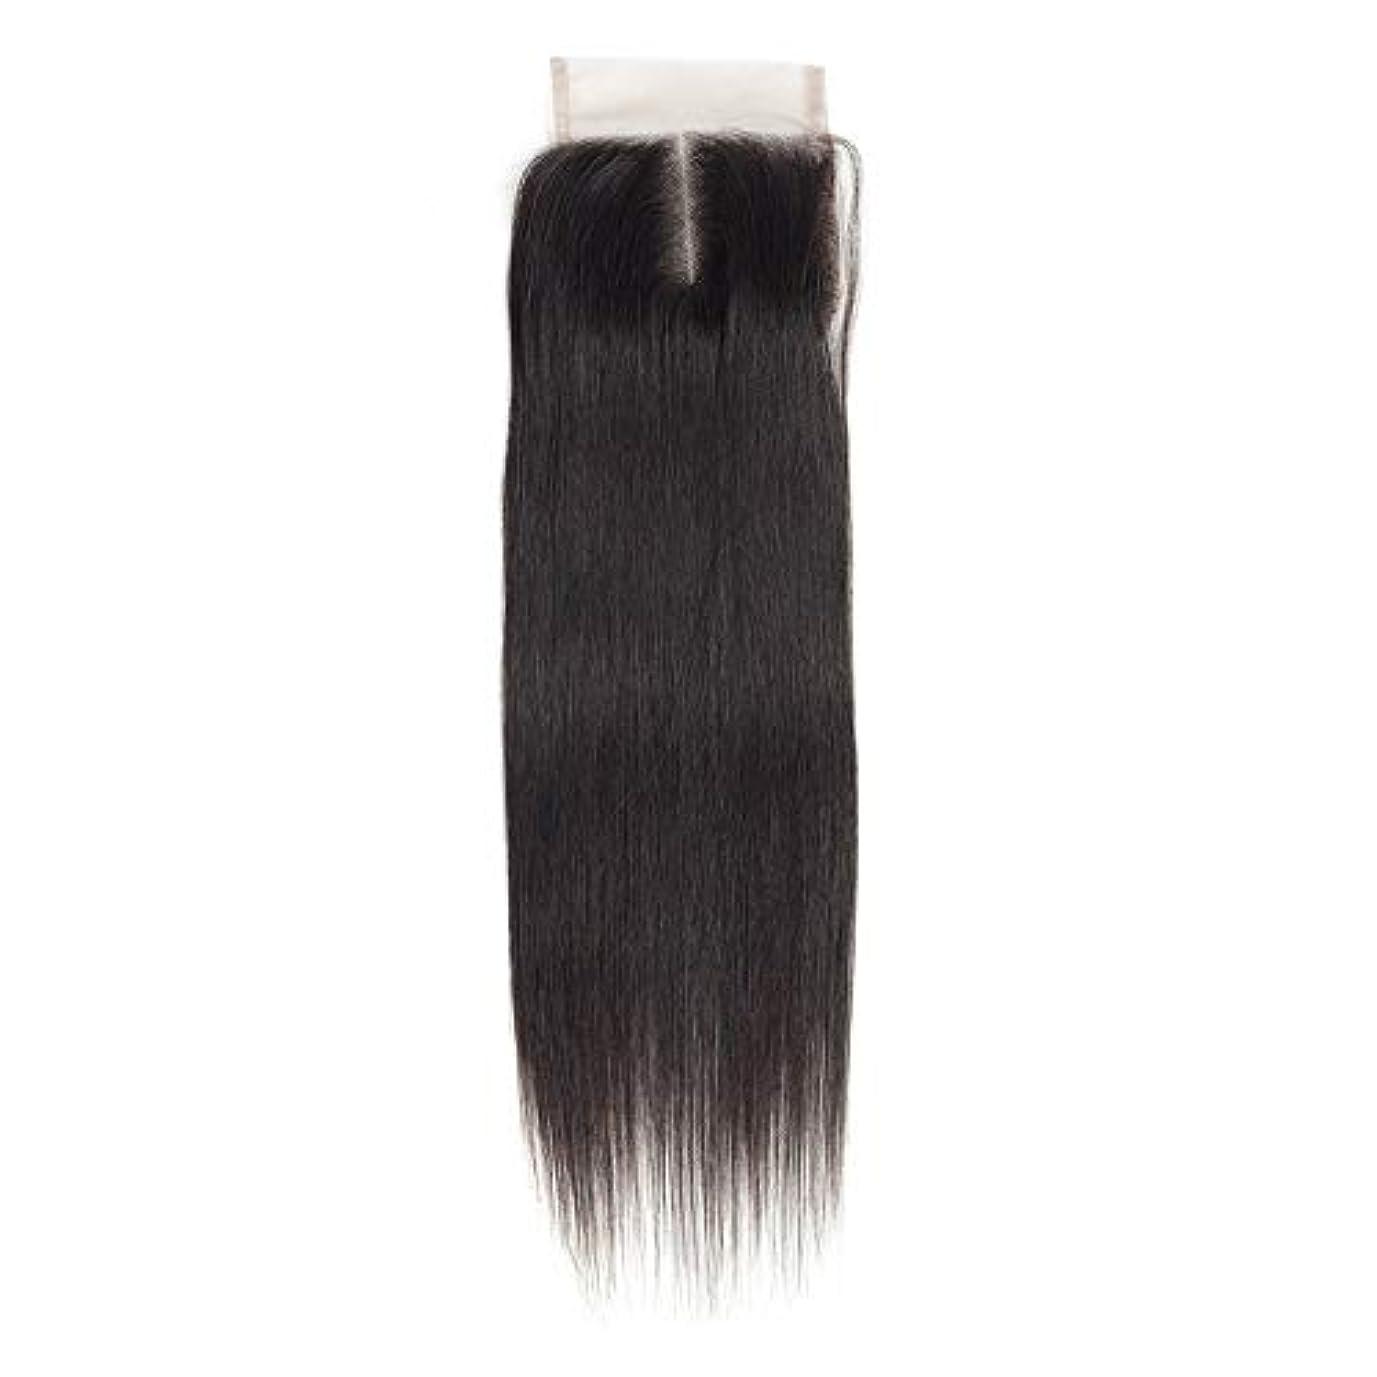 ふさわしい寄稿者親指WASAIO 女性のレミー人間ヘアエクステンションクリップのシームレスな髪型4x4のレースフロンタル閉鎖横隔膜パートナチュラルカラー解かの横糸 (色 : 黒, サイズ : 10 inch)